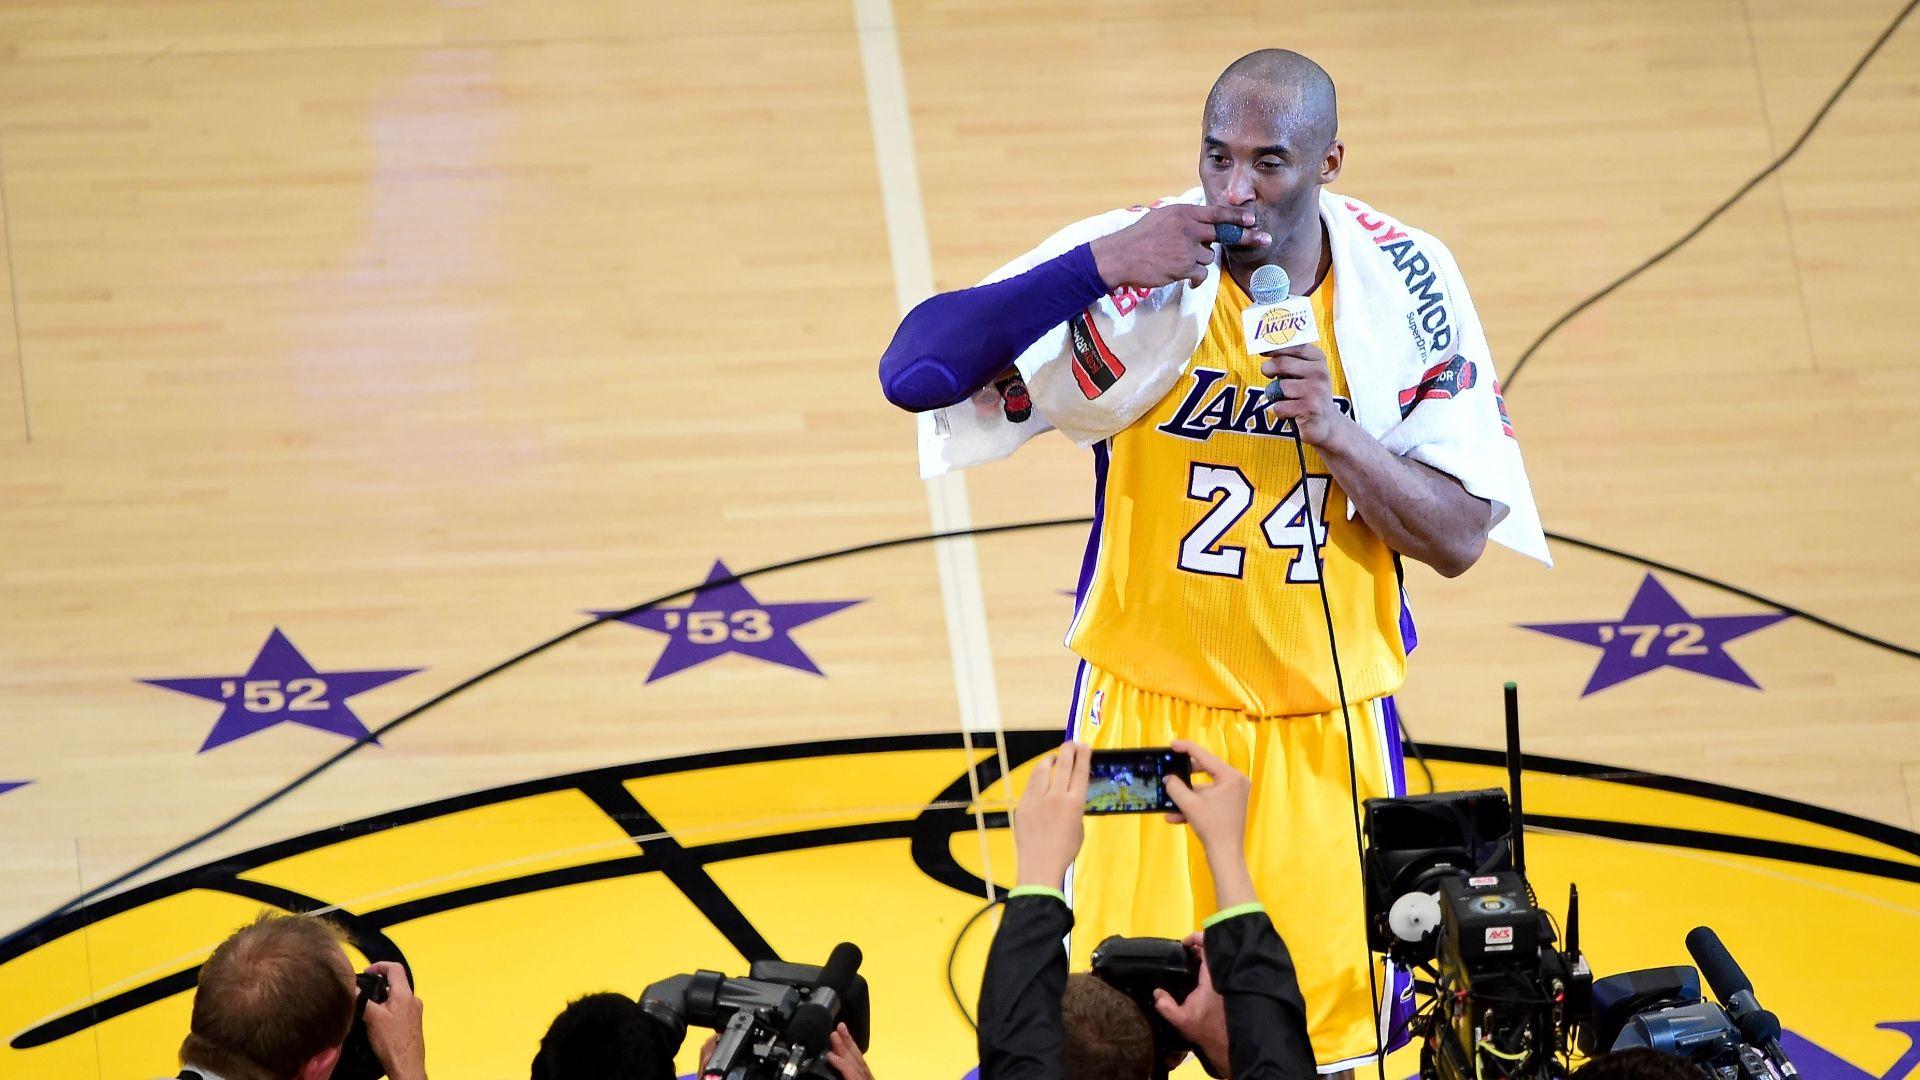 Kobe's legendary Laker career